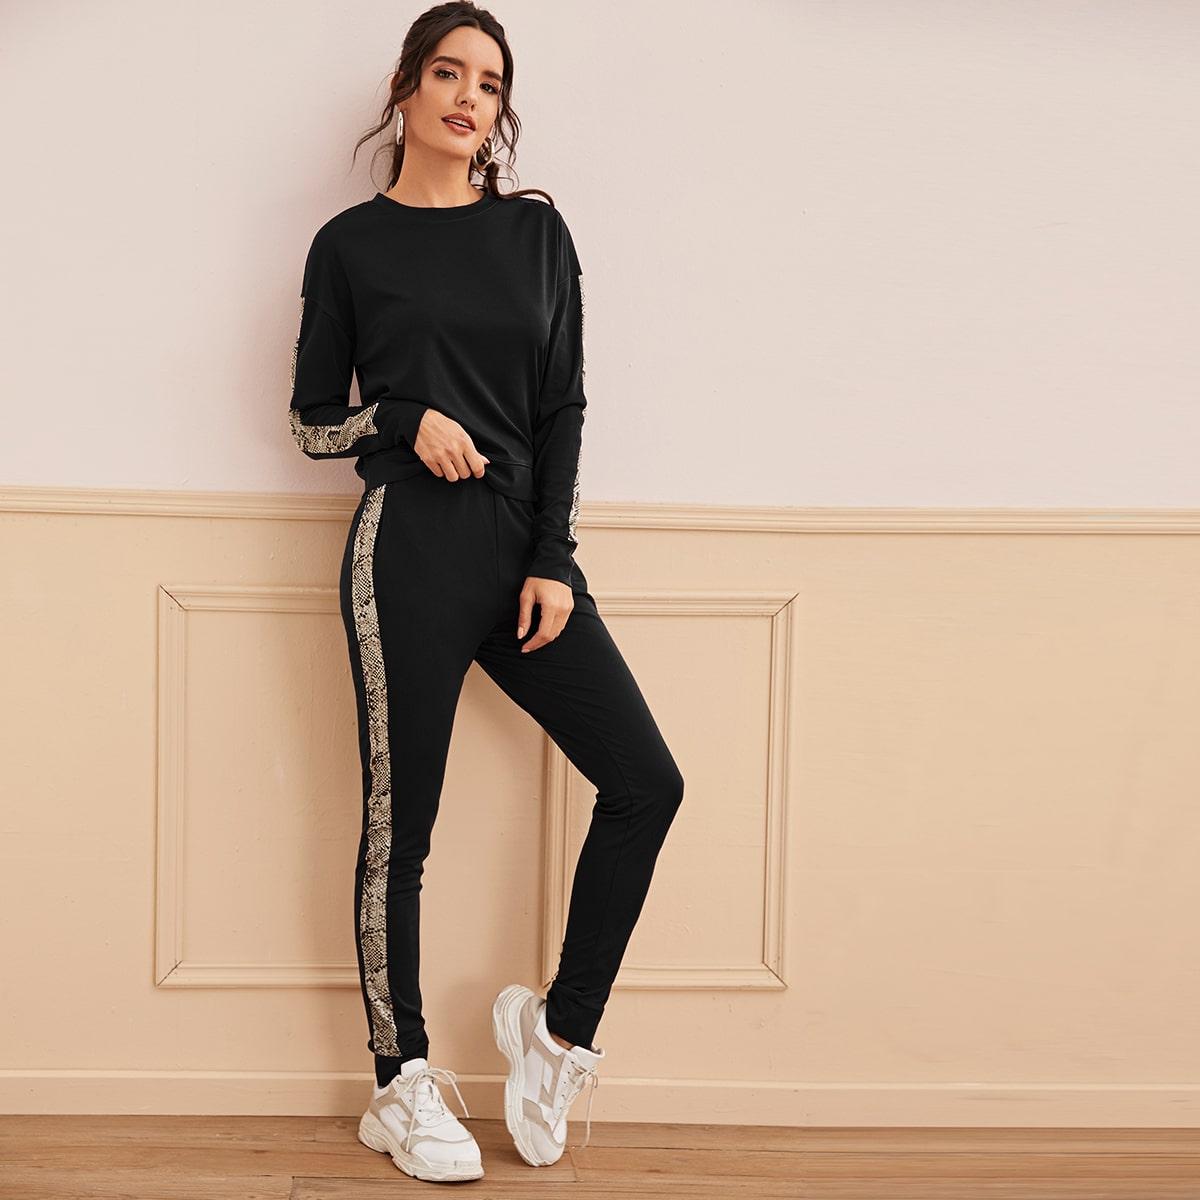 Спортивные брюки и свитшот с змеиным принтом от SHEIN